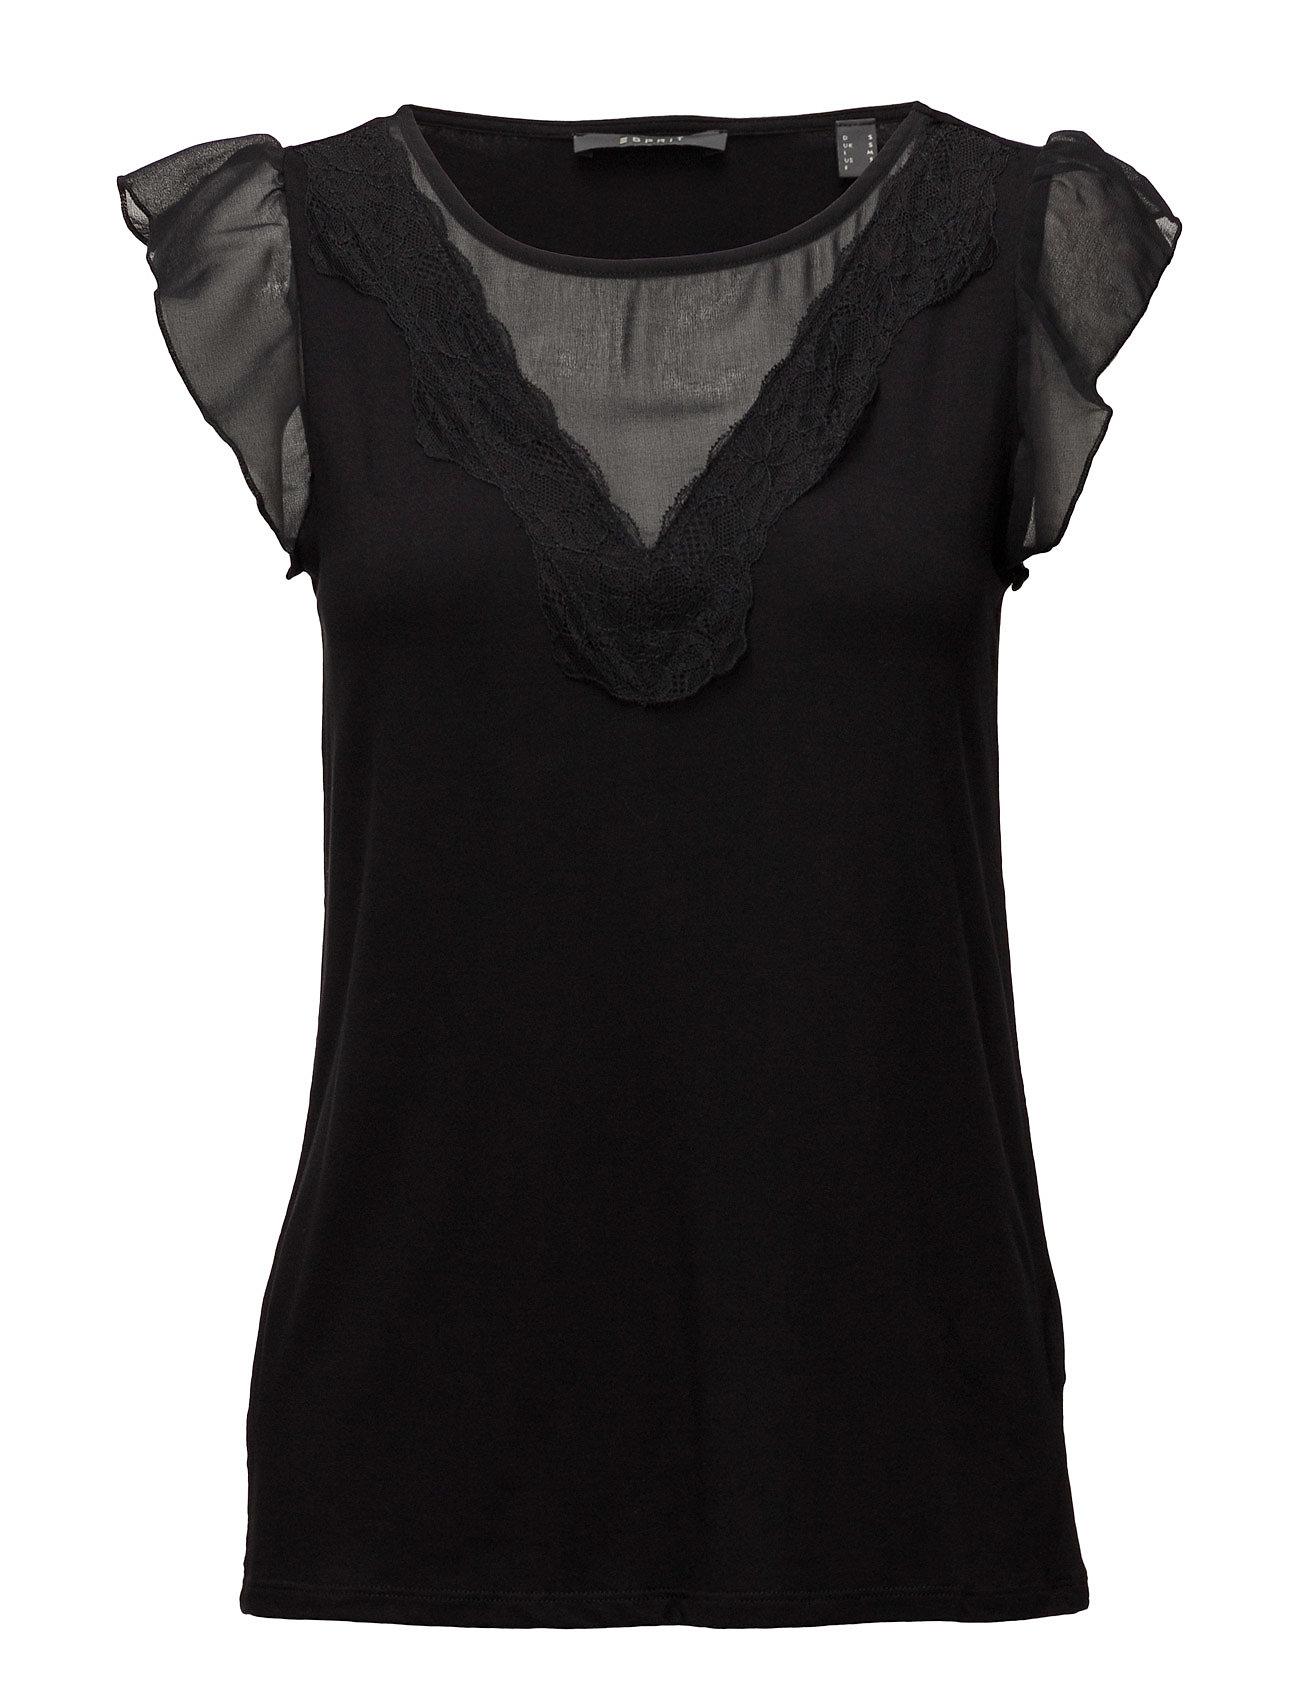 0aea12f7c16d Superläckra T-Shirts Esprit Collection Kort-Hylsa till Kvinnor i skönt  material